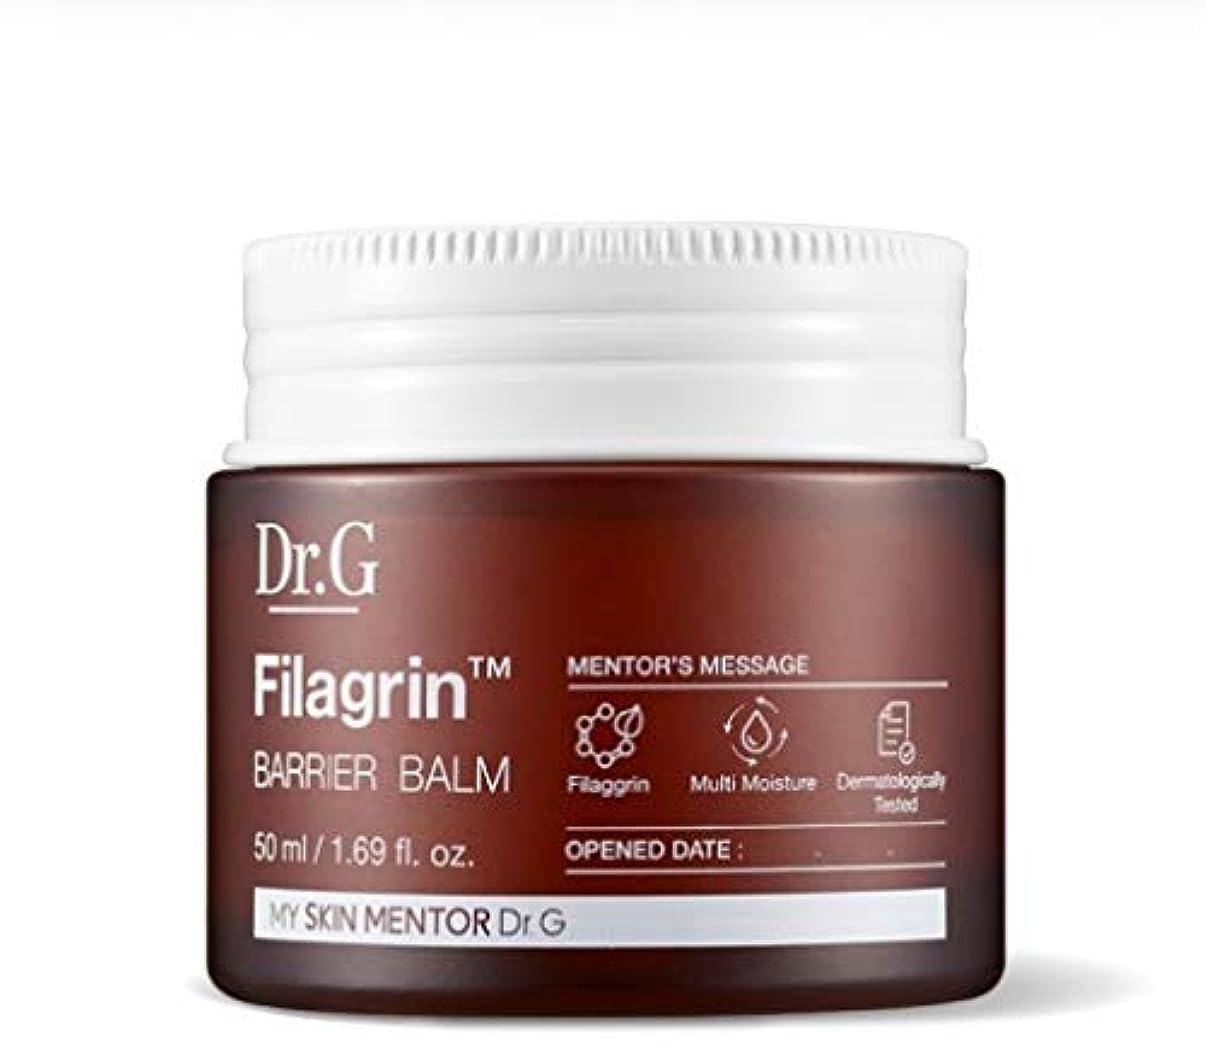 発火する狂気全能Dr.Gフィラグリンバリアバームクリーム50ml 韓国の有名化粧品ブランドの人気水分クリーム皮膚コーティング肌の保湿スキンケア